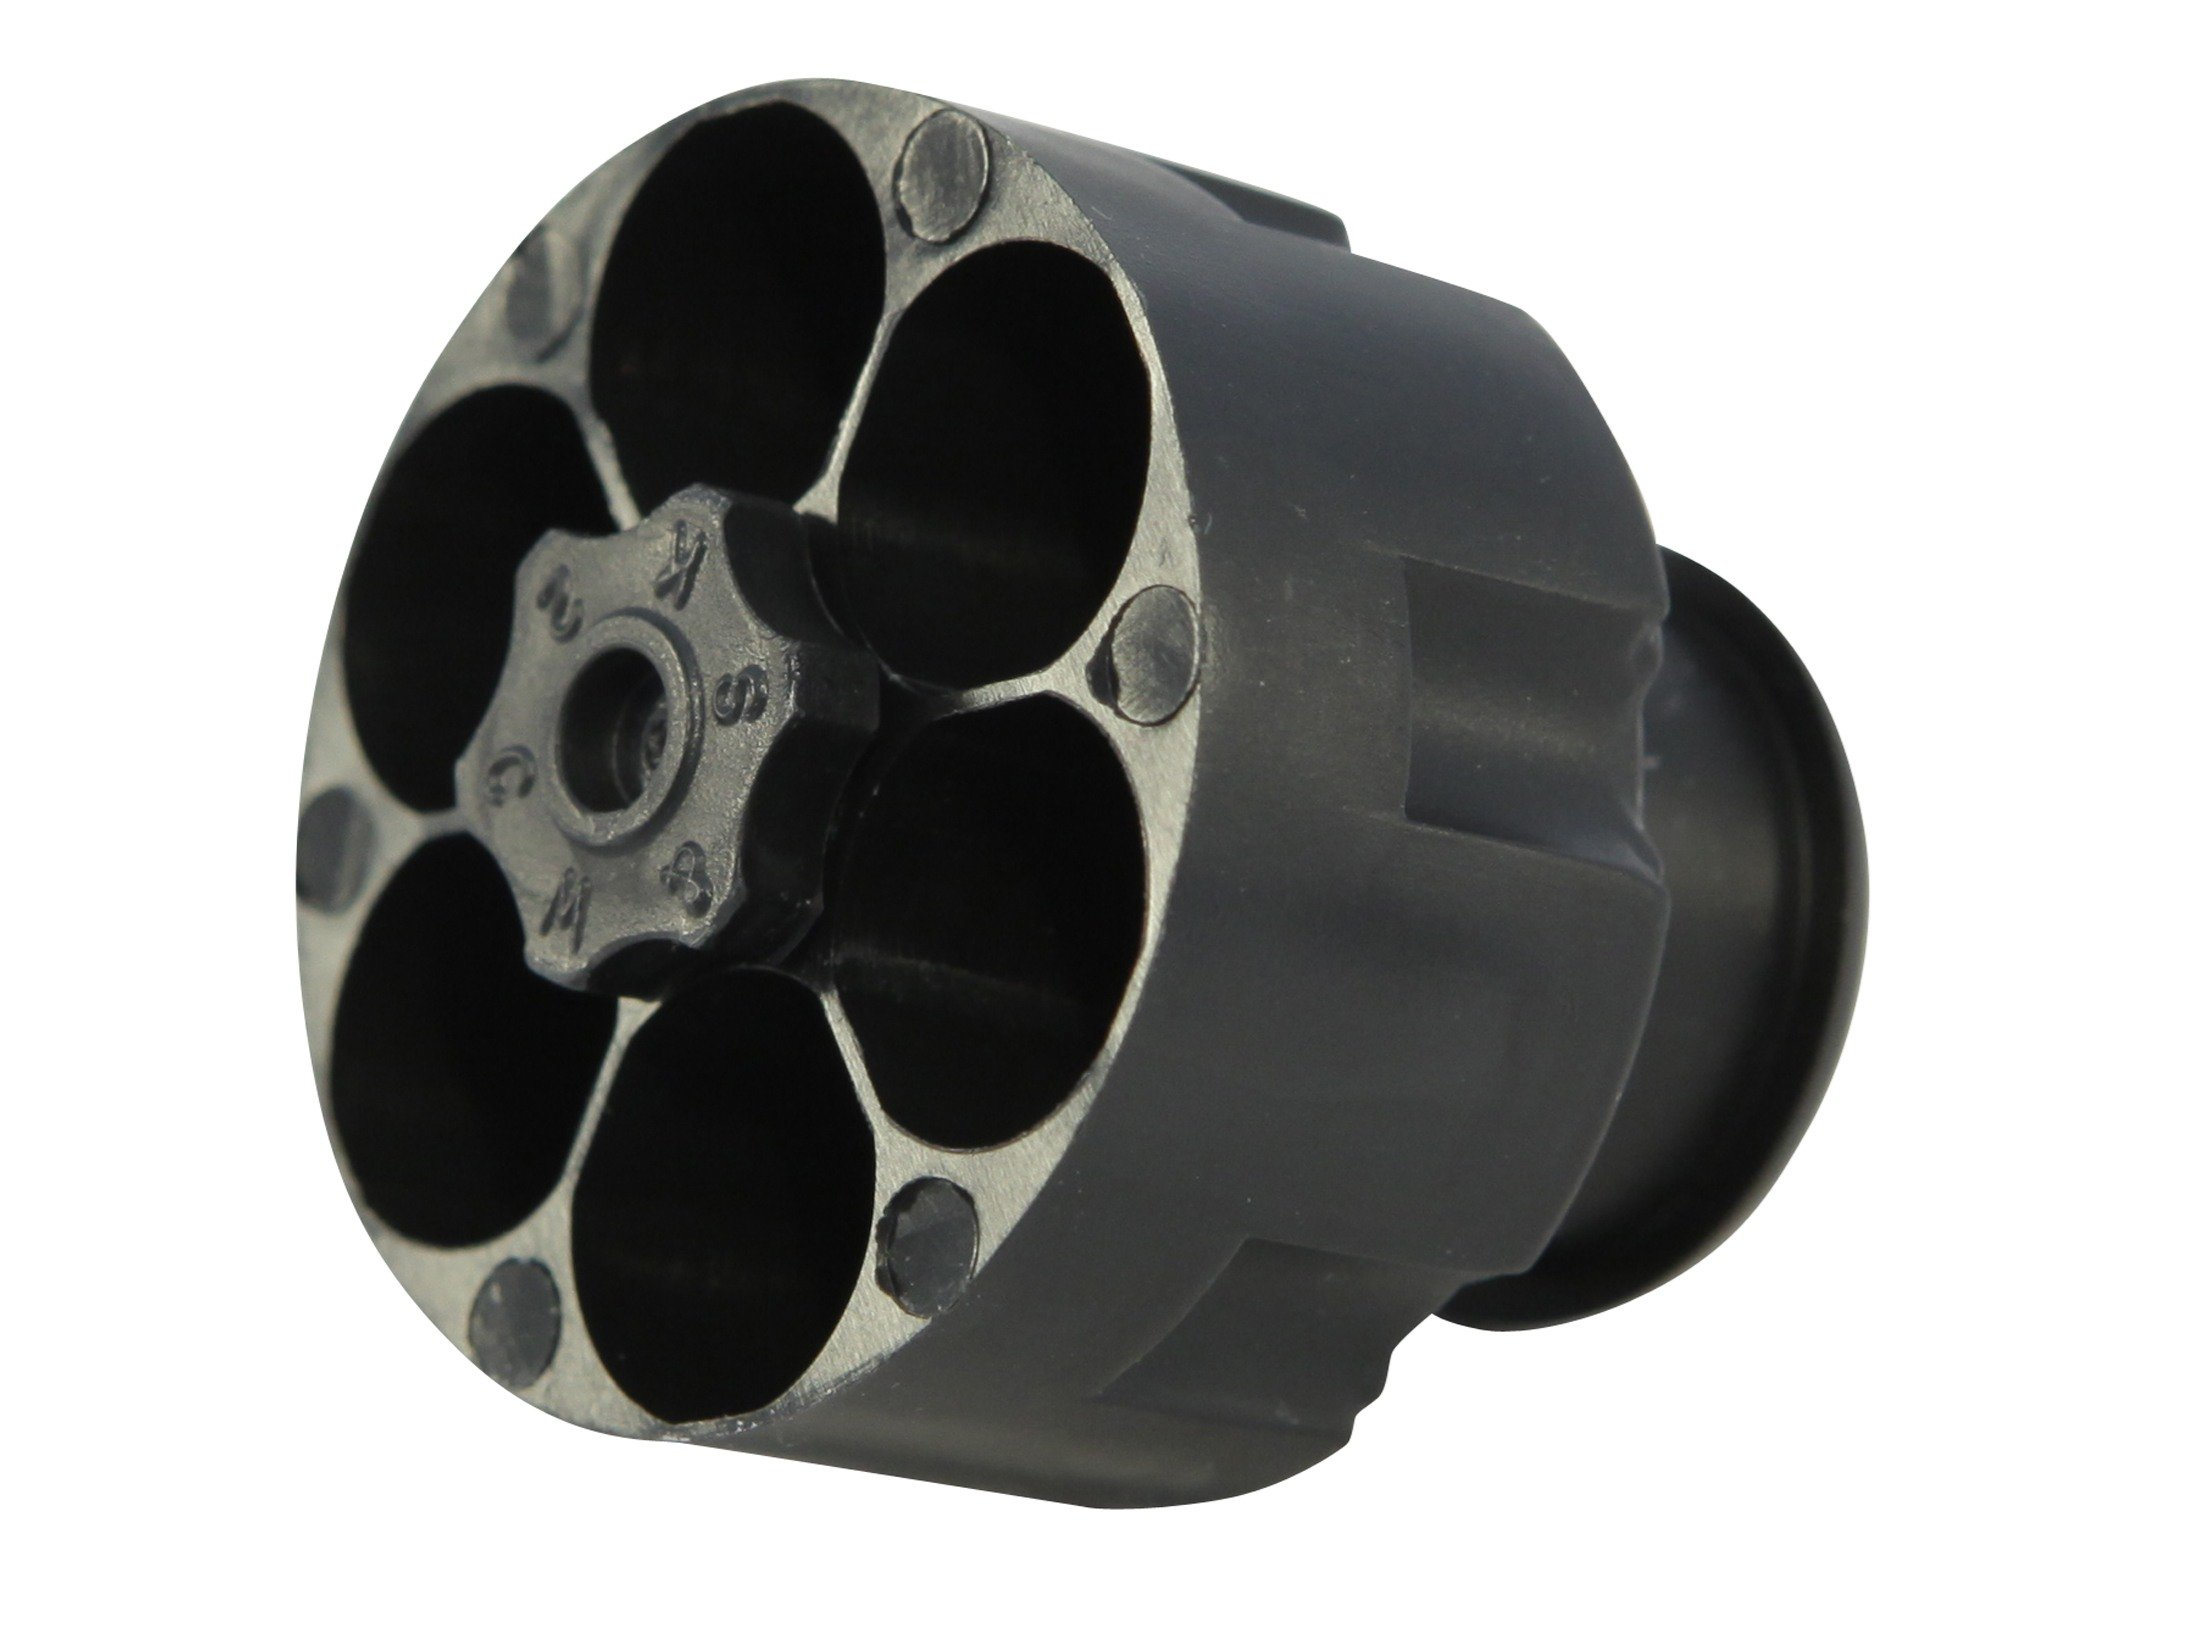 Safariland J-K2C COMP II Speedloader black ,One Size